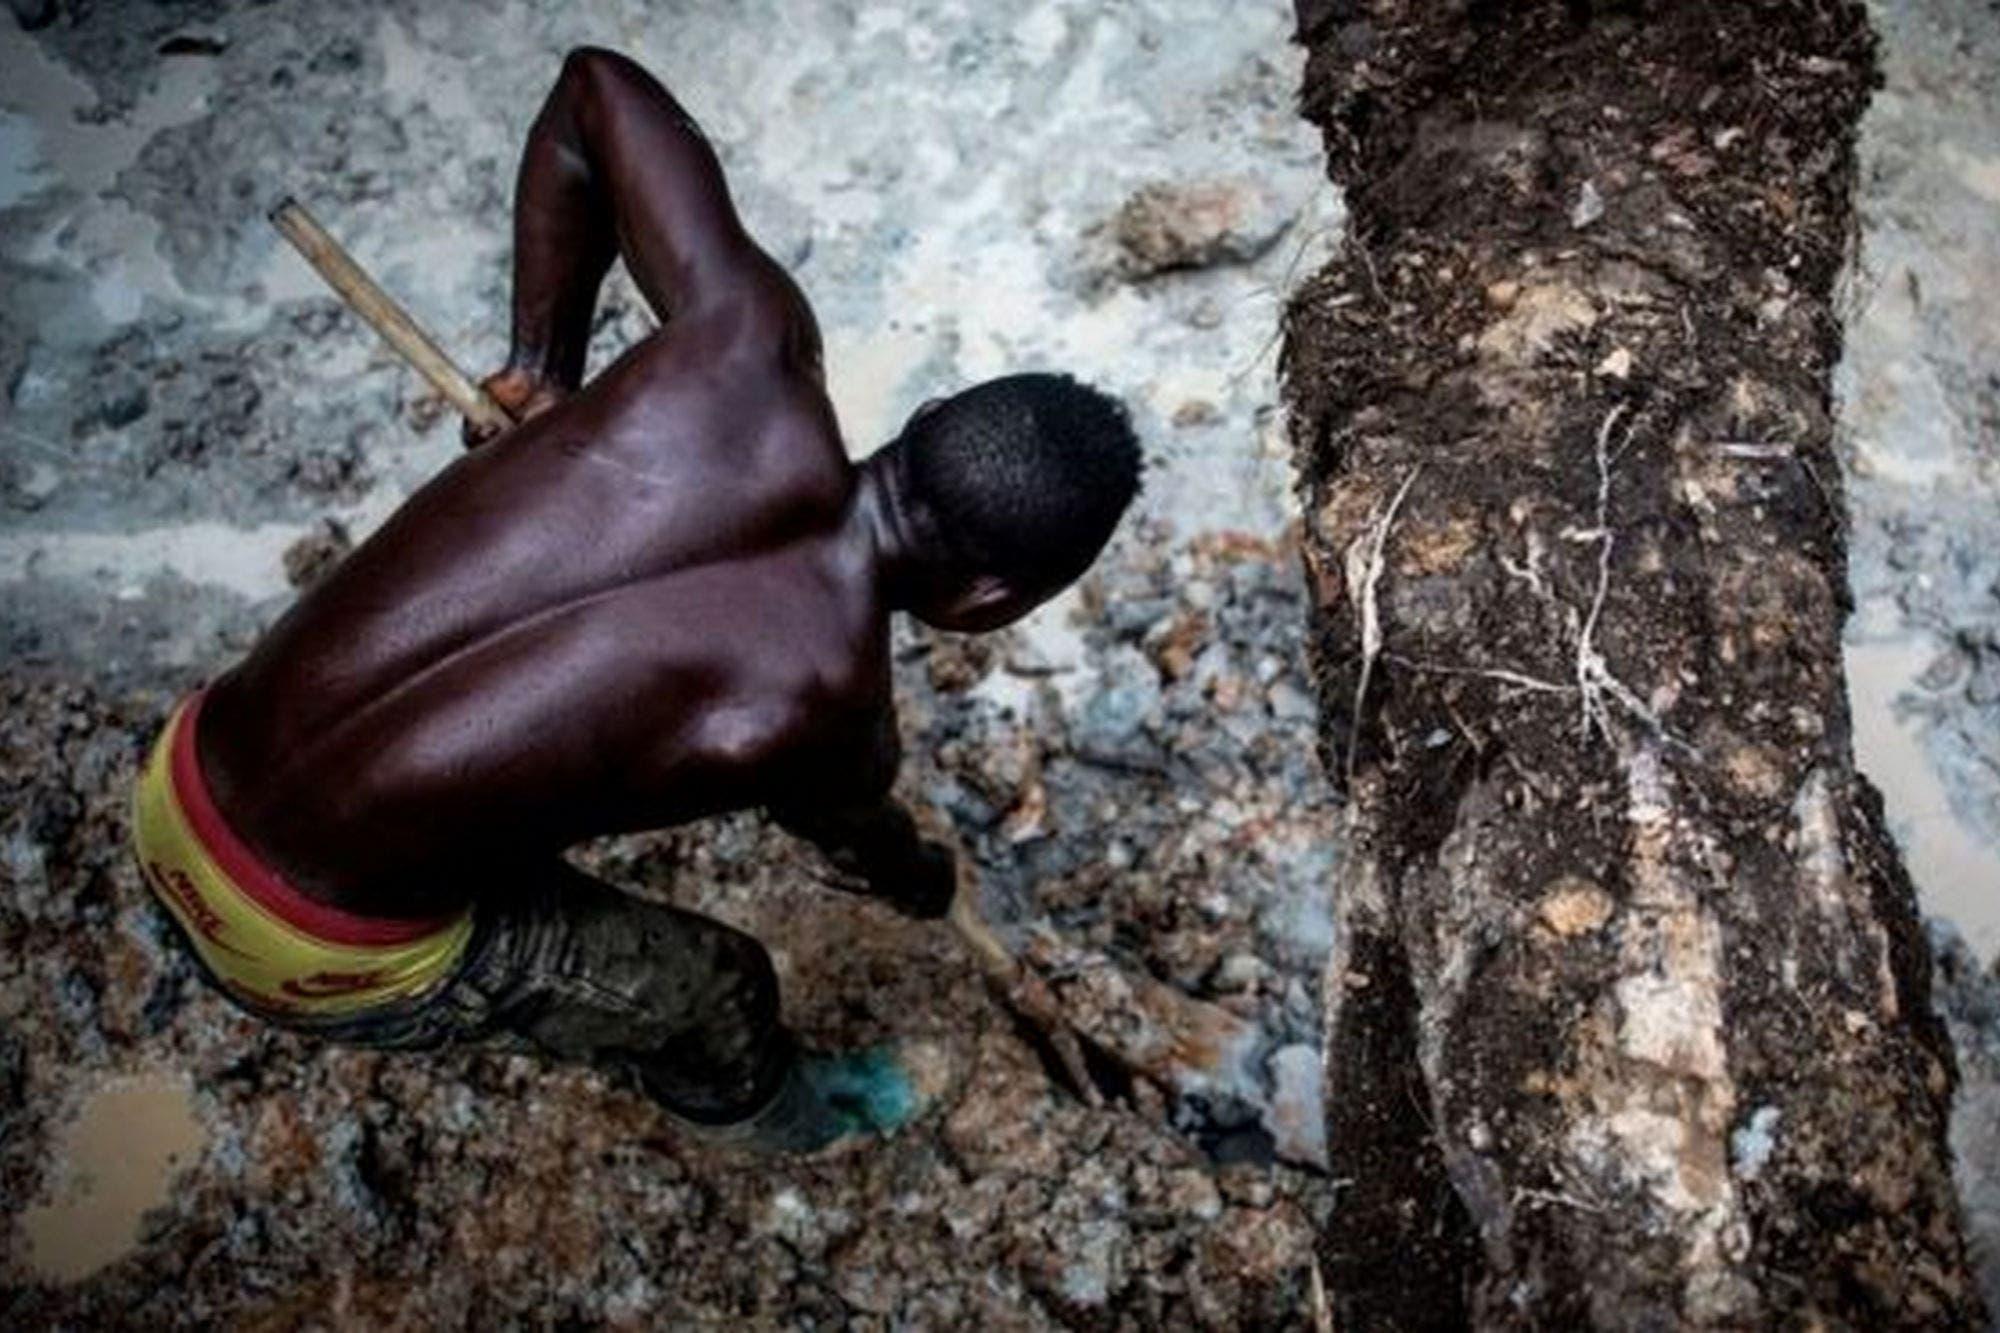 Por qué acusan a Apple, Google, Tesla y otras compañías tecnológicas de contribuir a la esclavitud infantil